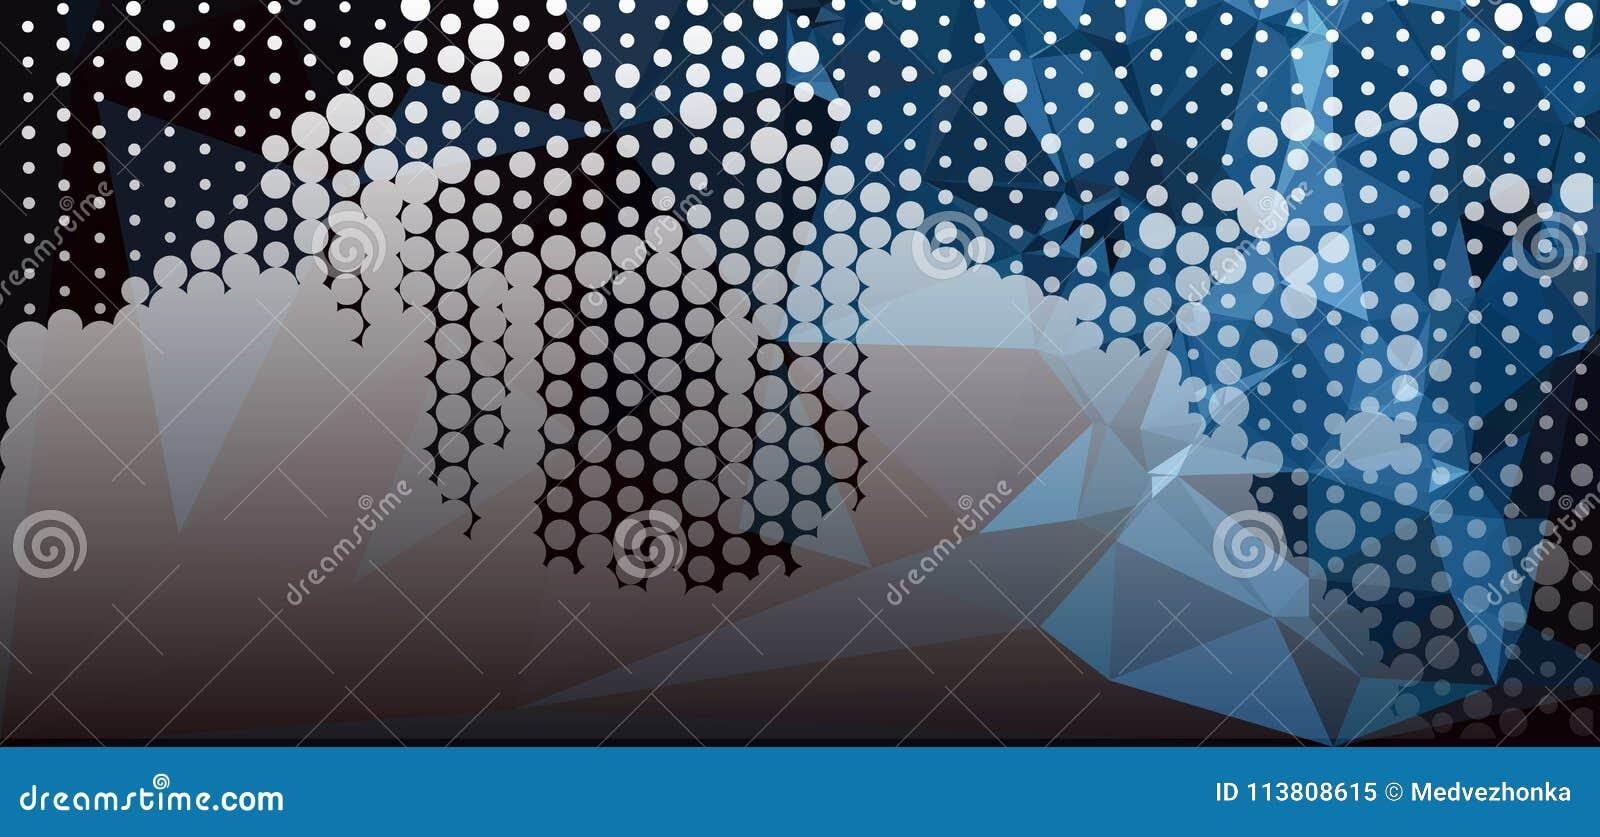 Fundo abstrato para bandeiras, textura, inseto, disposição, cartão